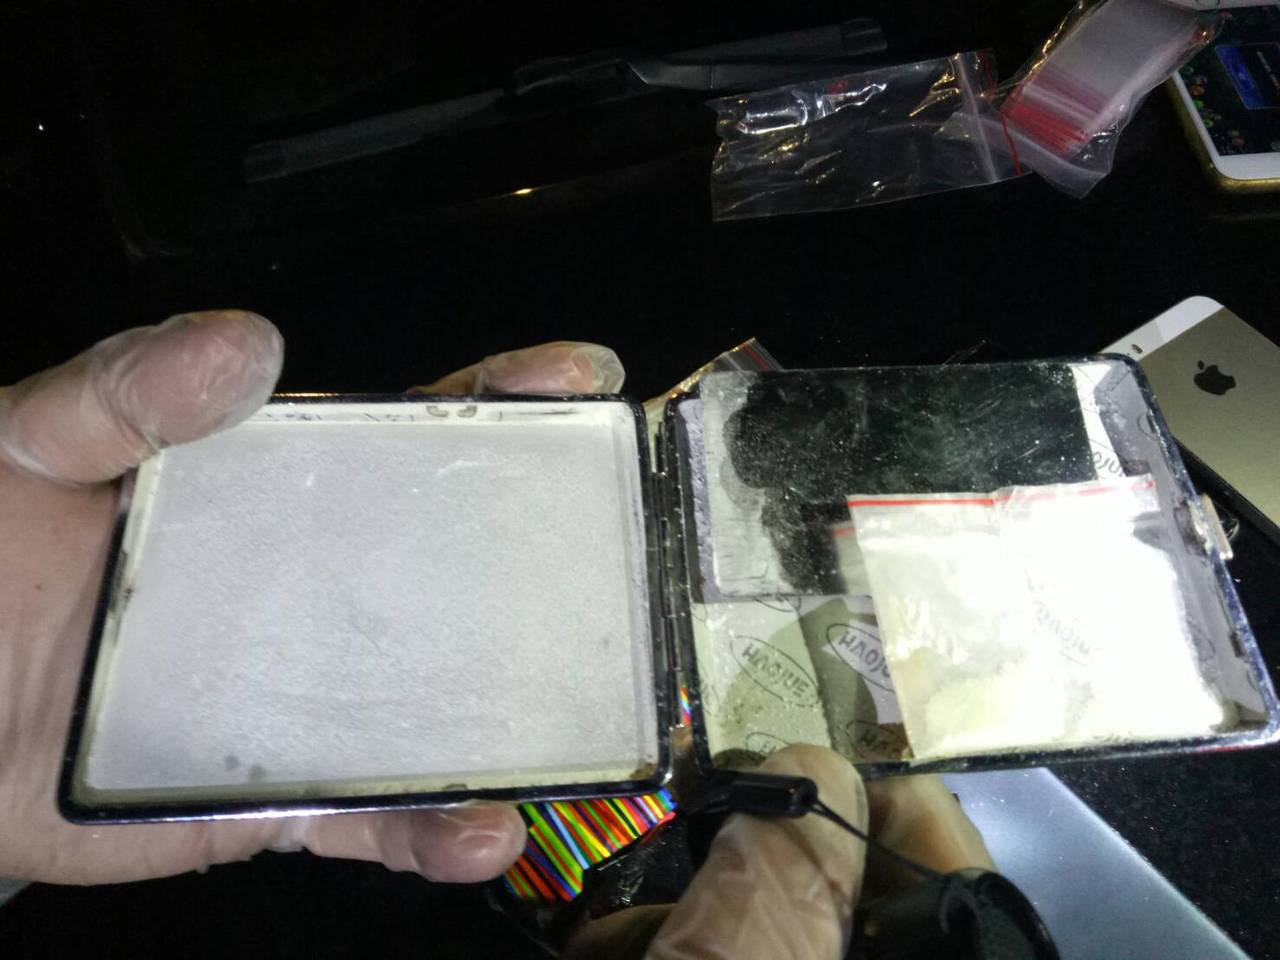 員警「破窗救人」,在車內發現毒品及K盤。記者邱奕能/翻攝